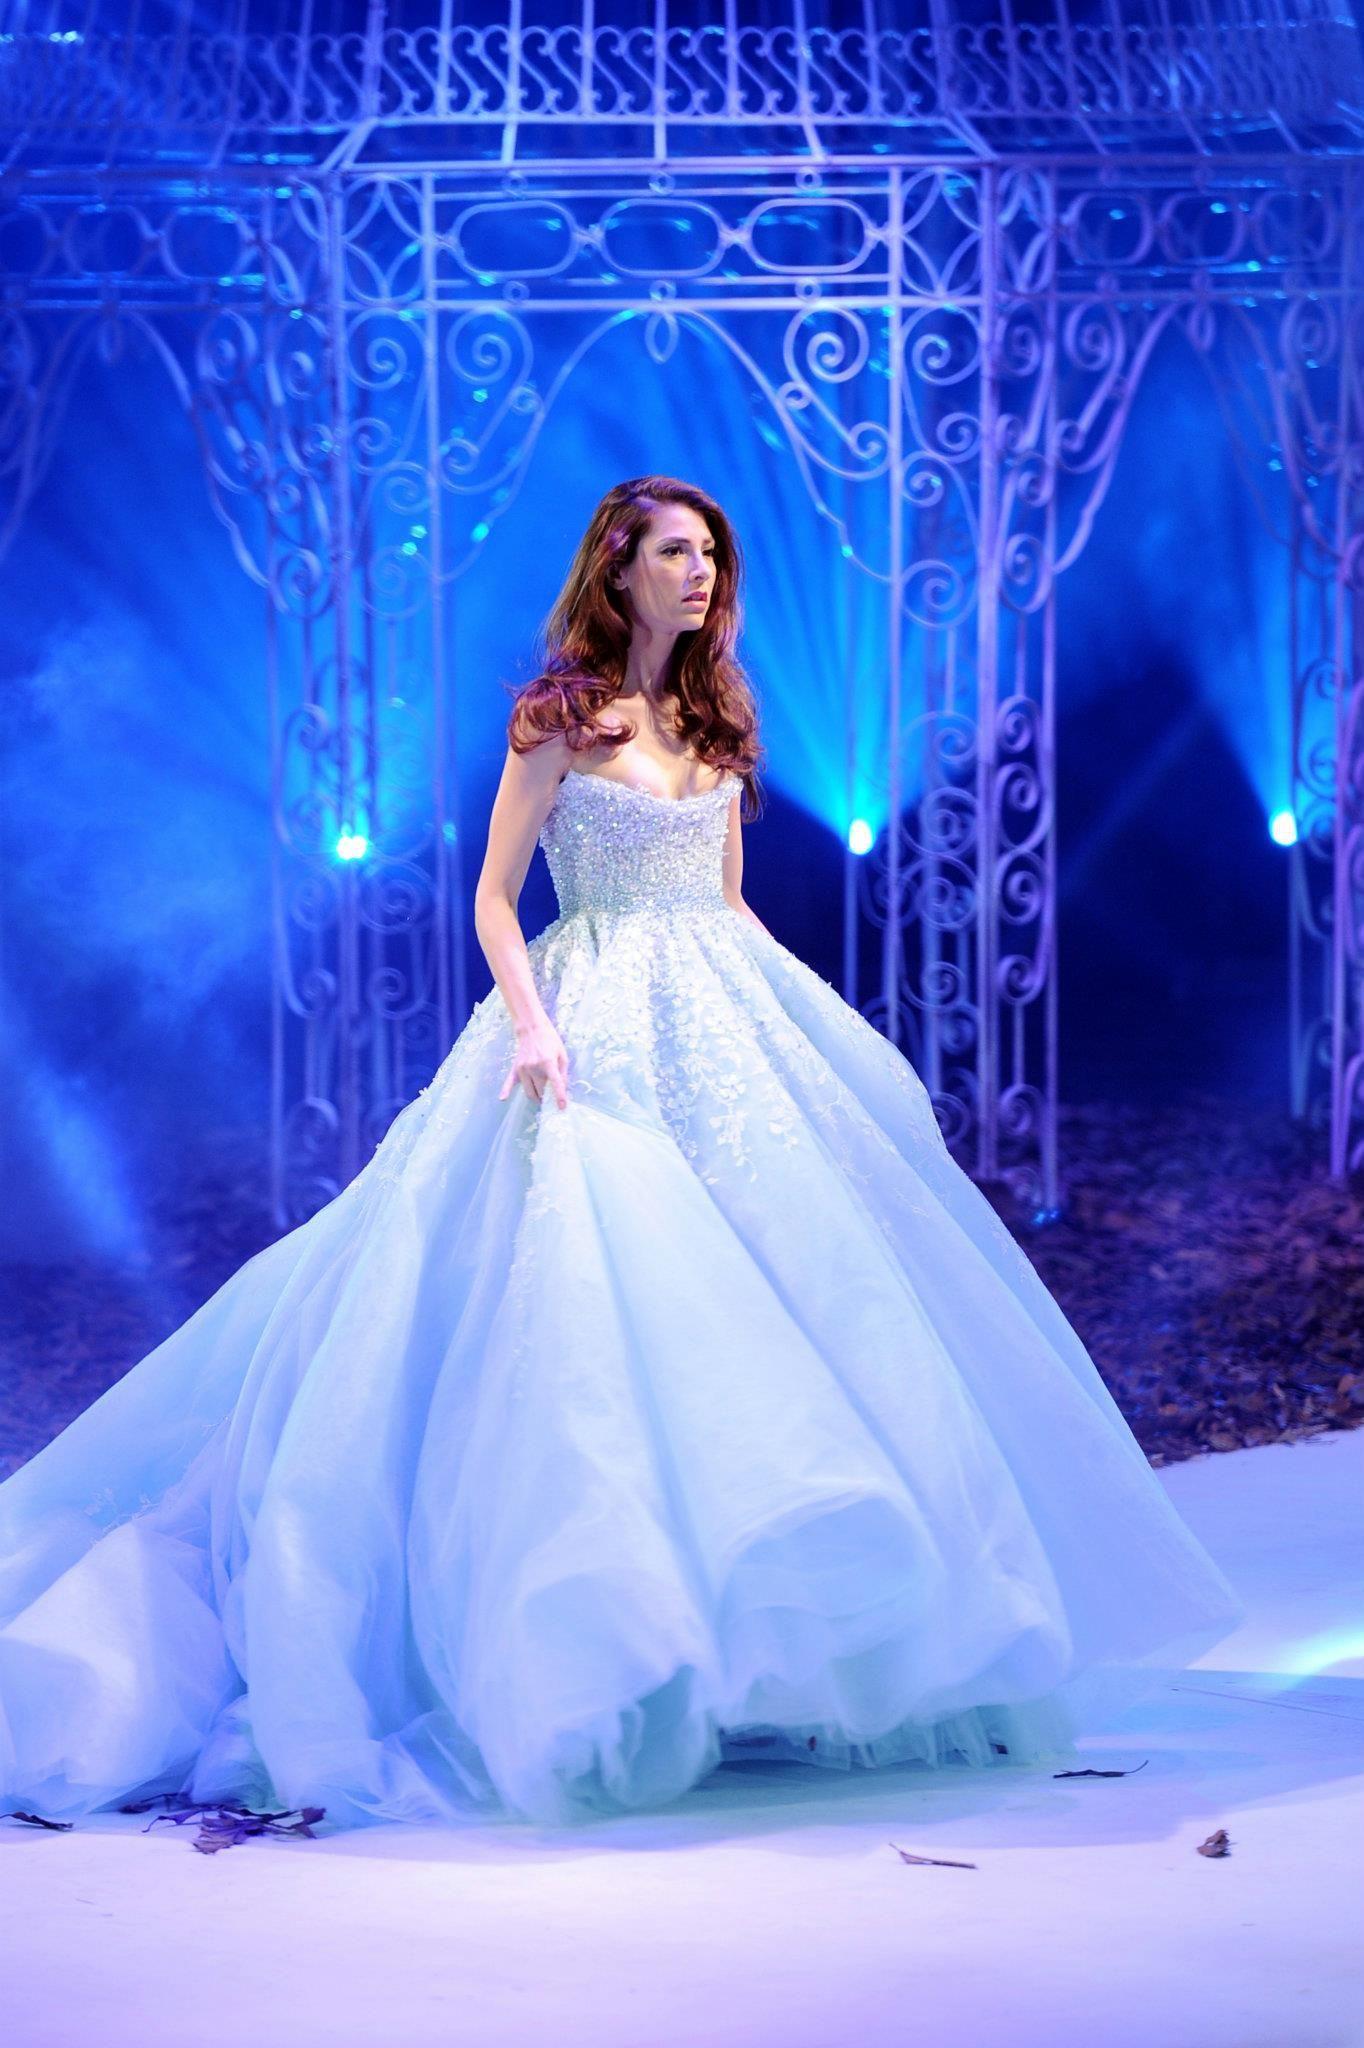 Paillettes de perles de cristal de mode de conception robe de bal bustier robes de mariée gonflés arabes Vintage Robes de mariée sans manches en organza exquis pas cher